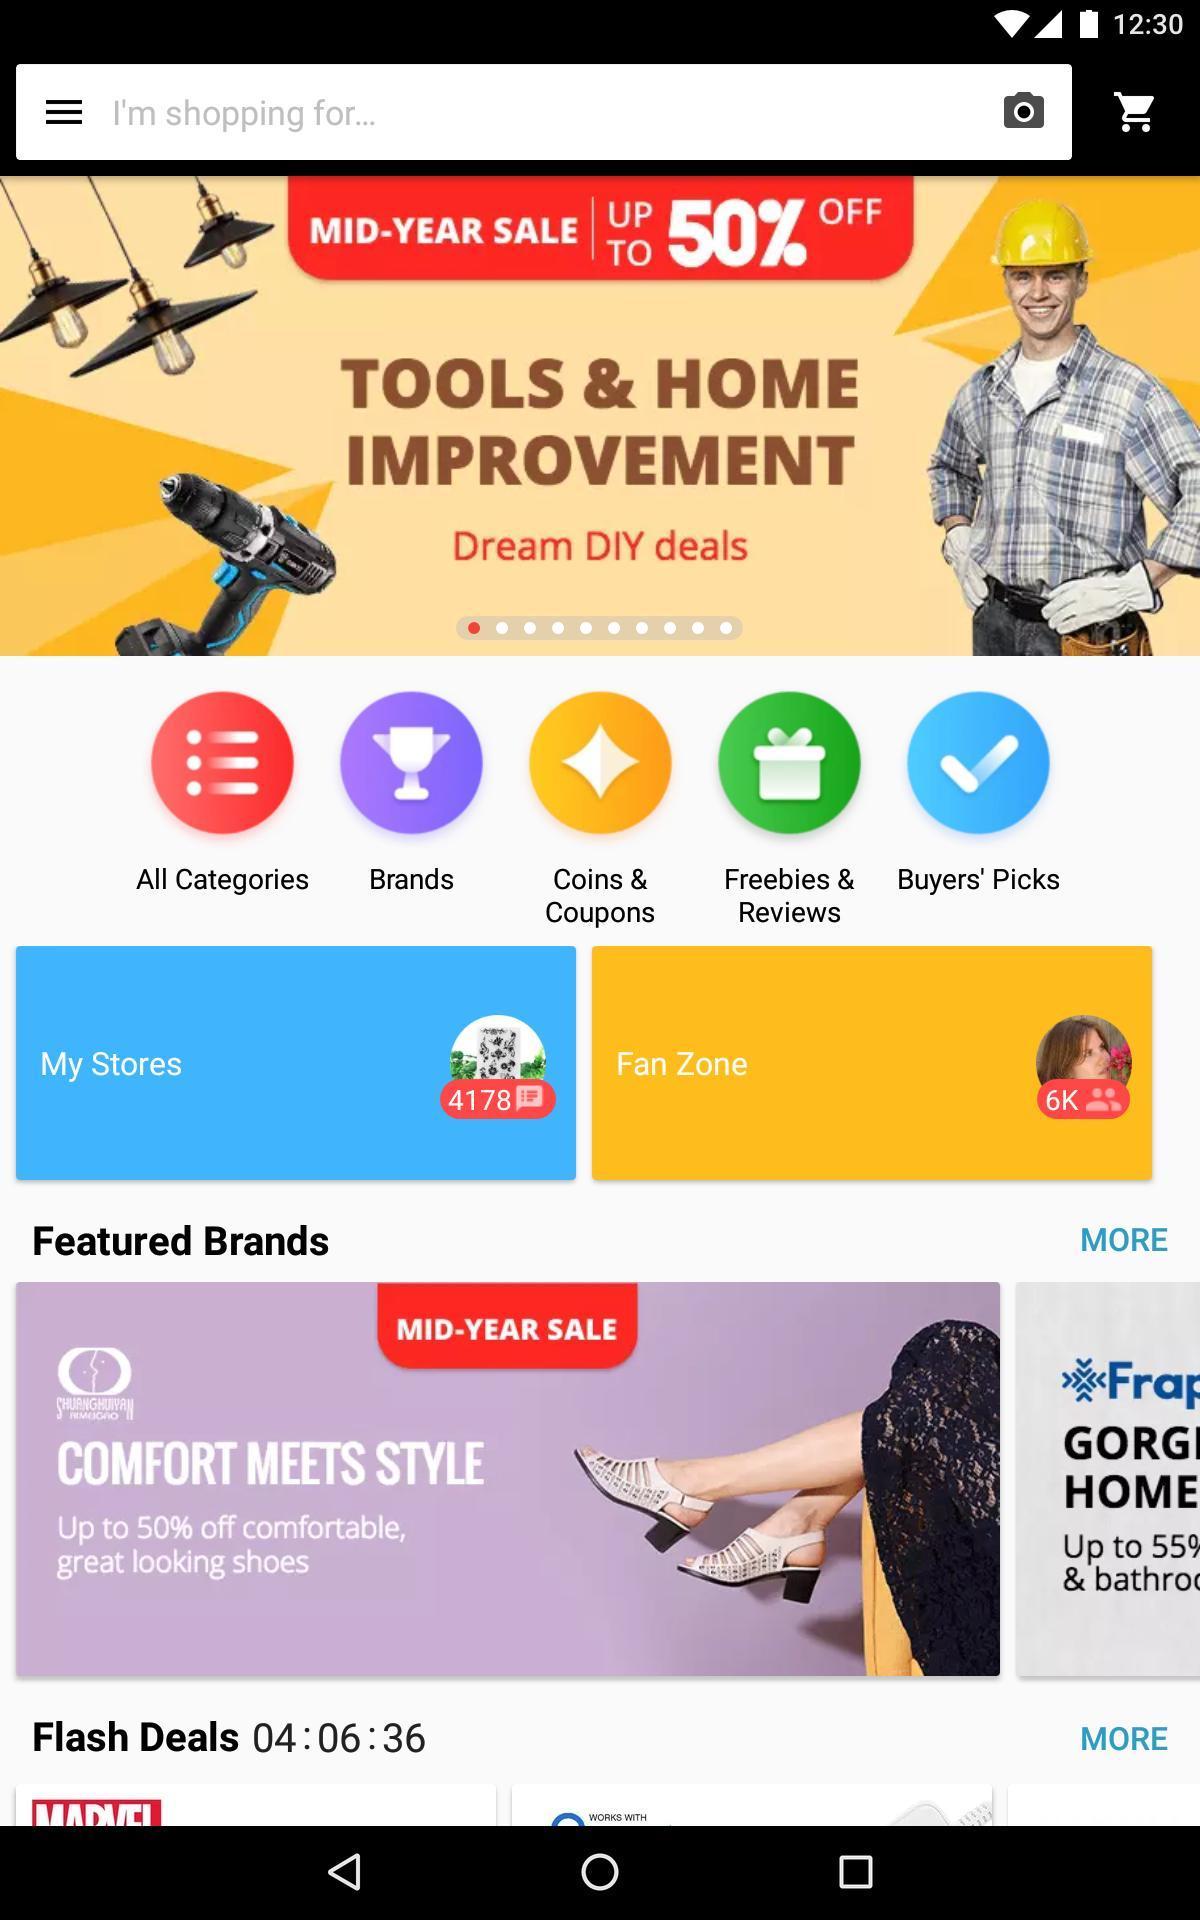 AliExpress Smarter Shopping, Better Living 8.3.3 Screenshot 11